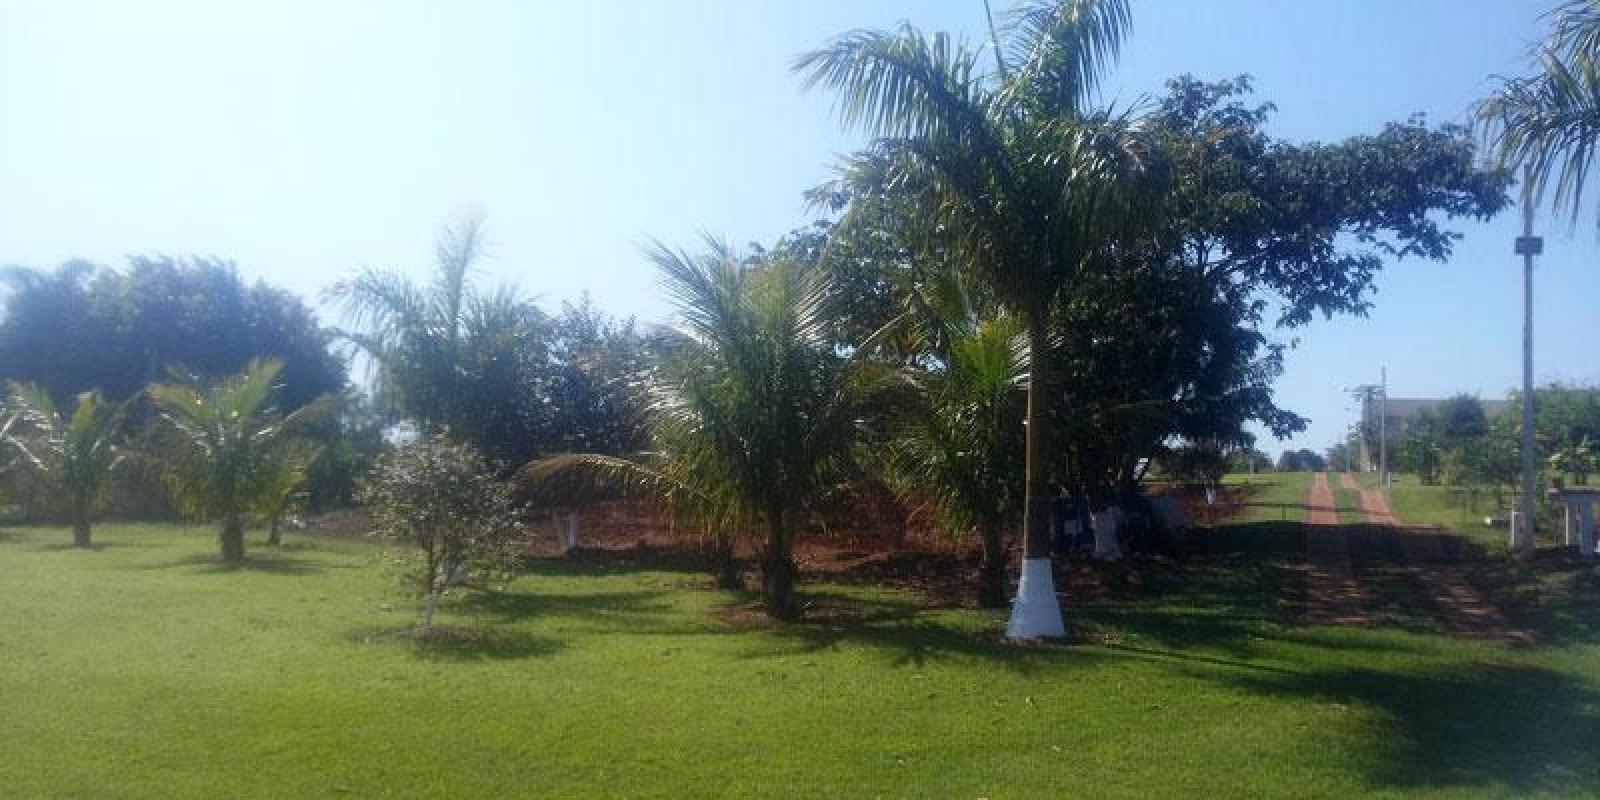 Casa na Represa, no Condomínio Riviera em Arandú SP - Foto 6 de 20